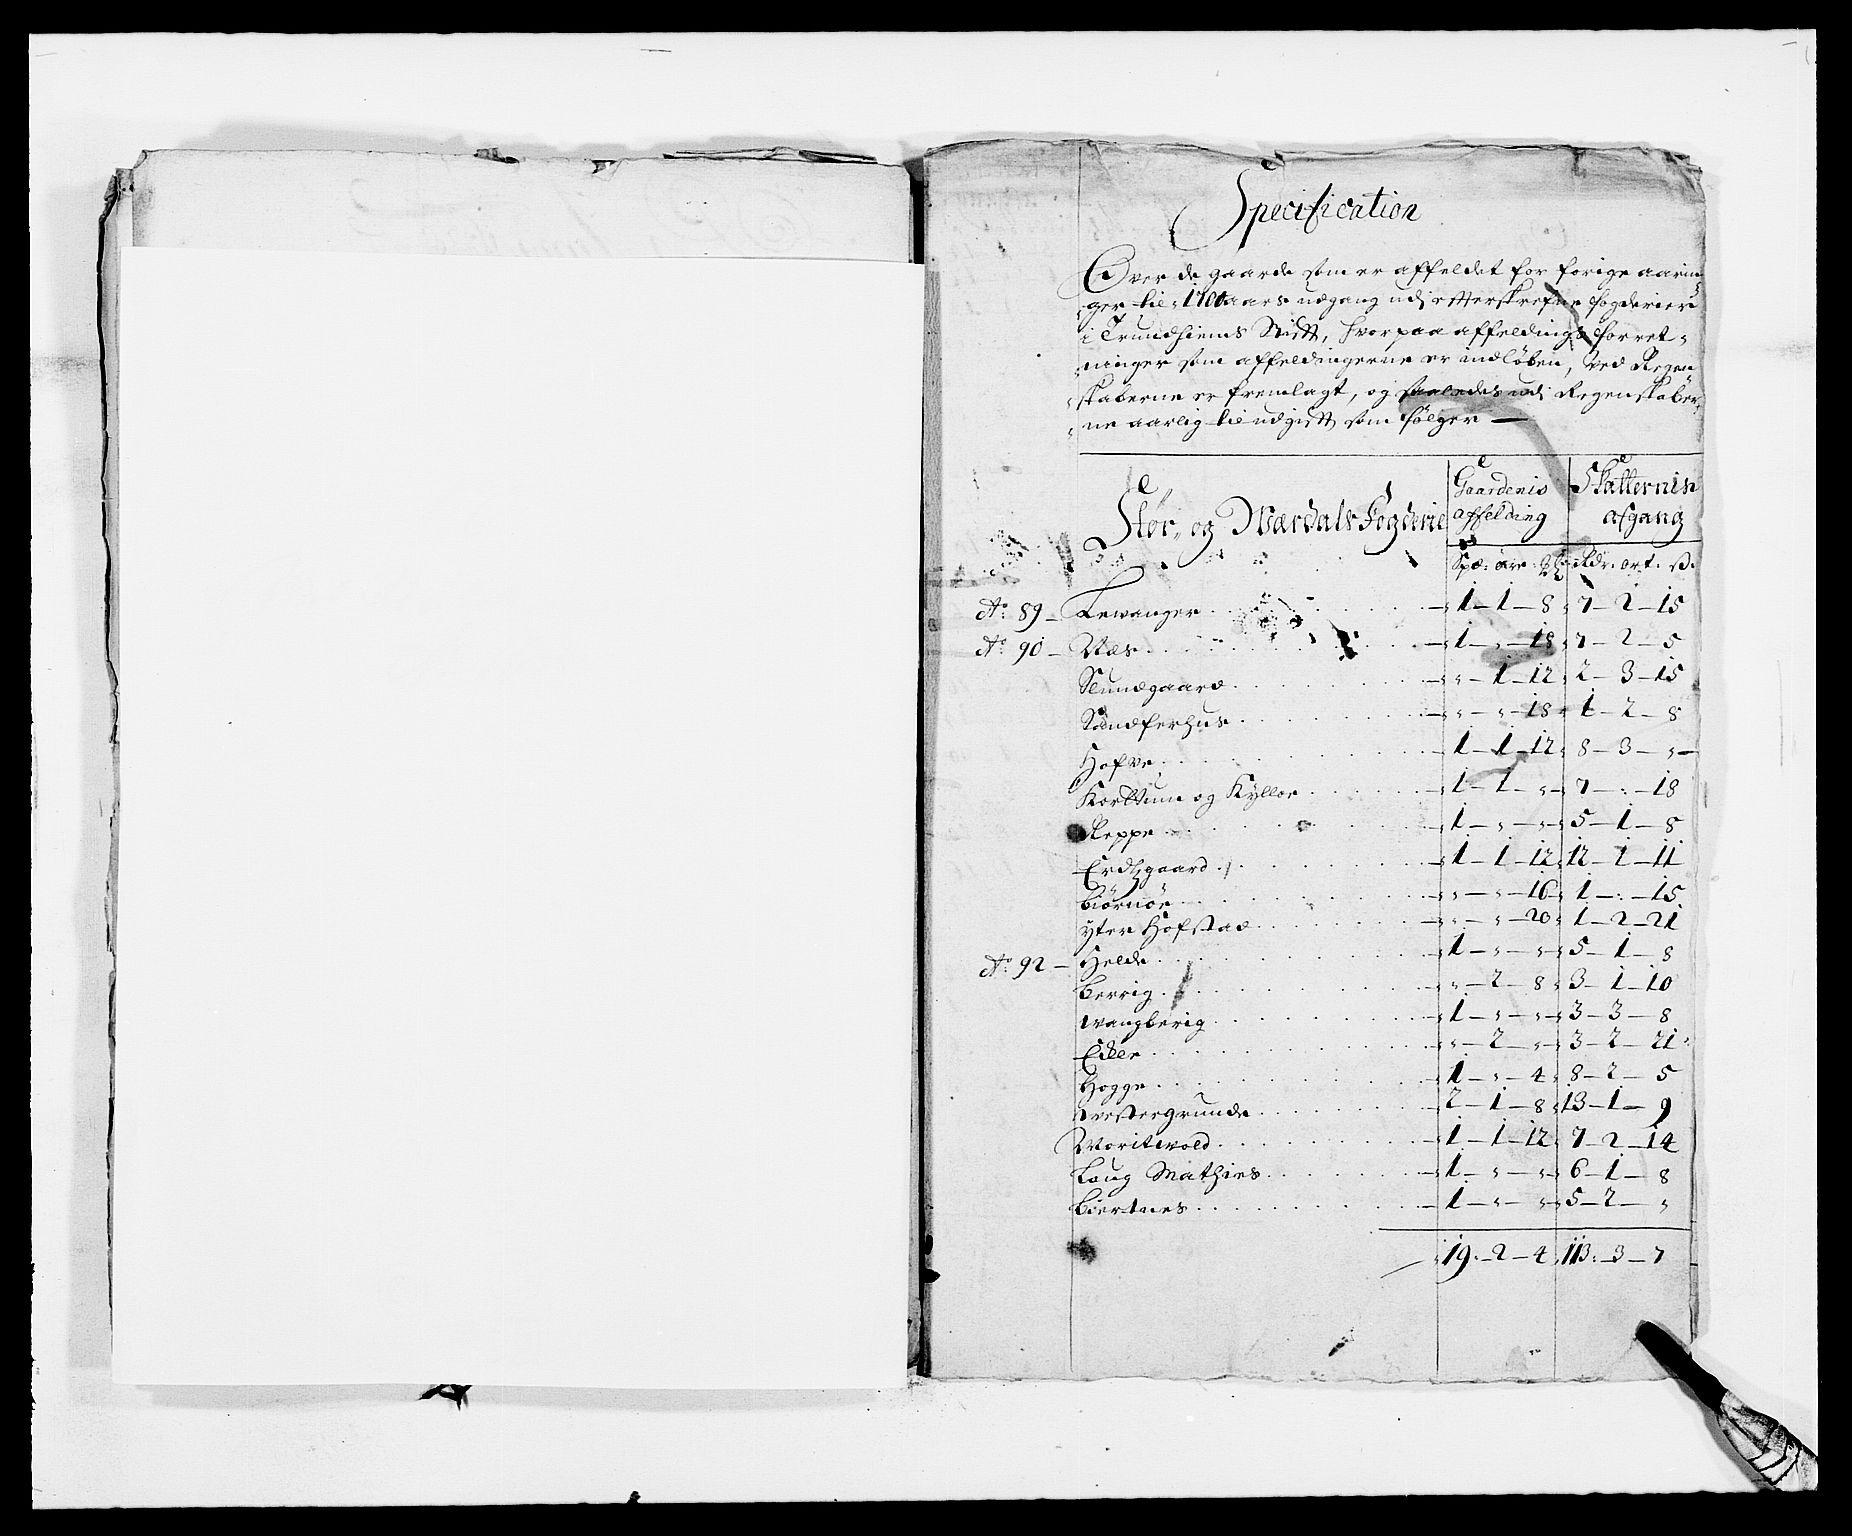 RA, Rentekammeret inntil 1814, Reviderte regnskaper, Fogderegnskap, R62/L4183: Fogderegnskap Stjørdal og Verdal, 1687-1689, s. 295